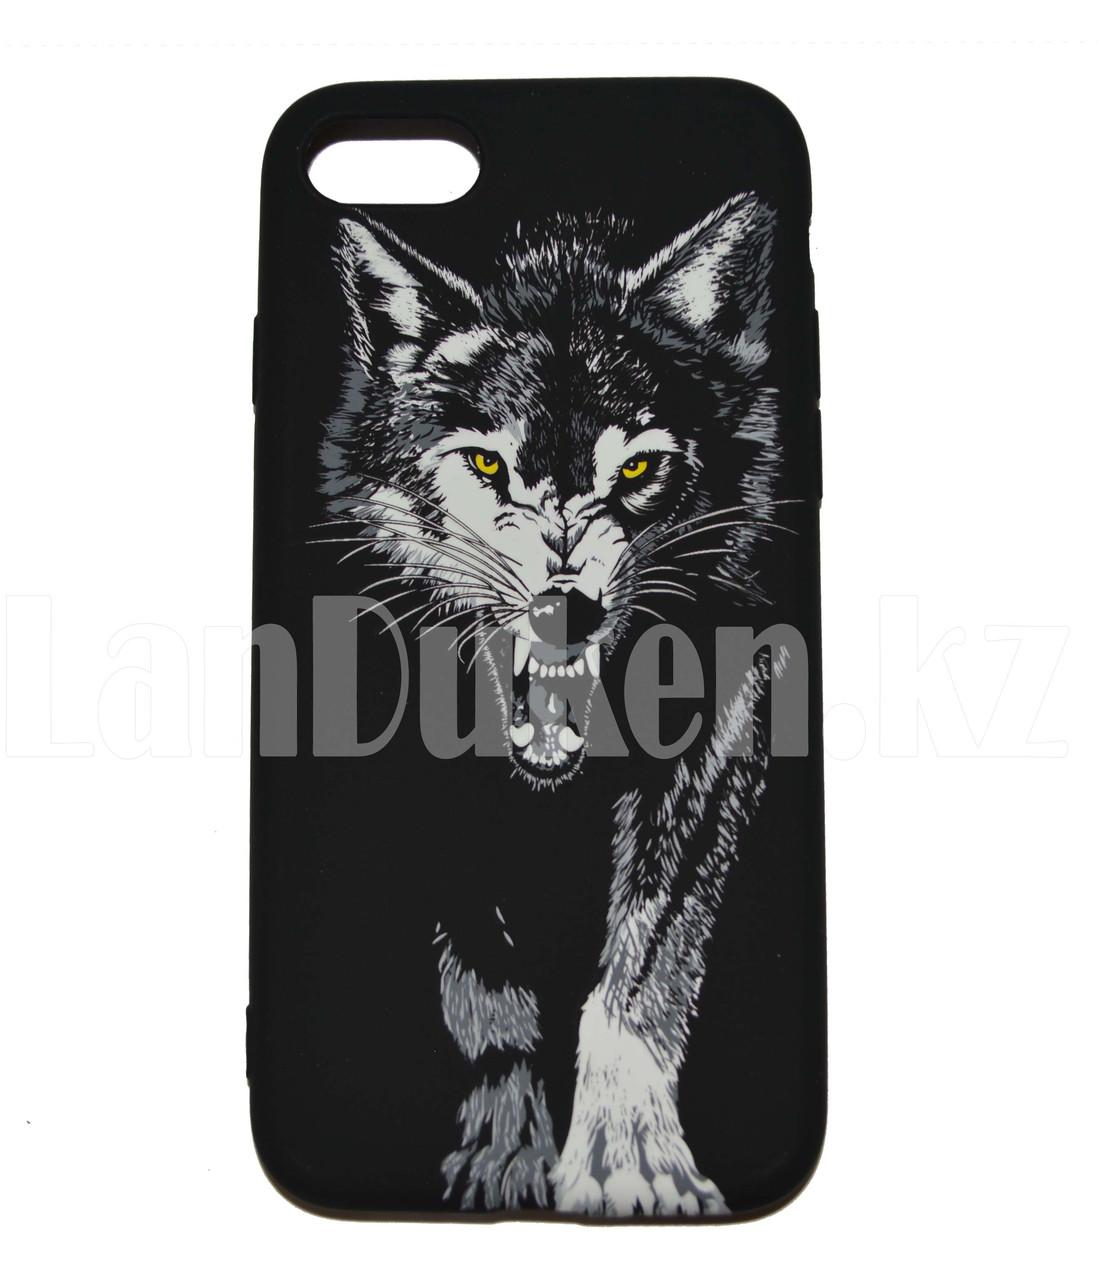 Чехол на Айфон 7 (iPhone 7) Luxo силиконовый матовый принт волк с оскалом желтые глаза - фото 1